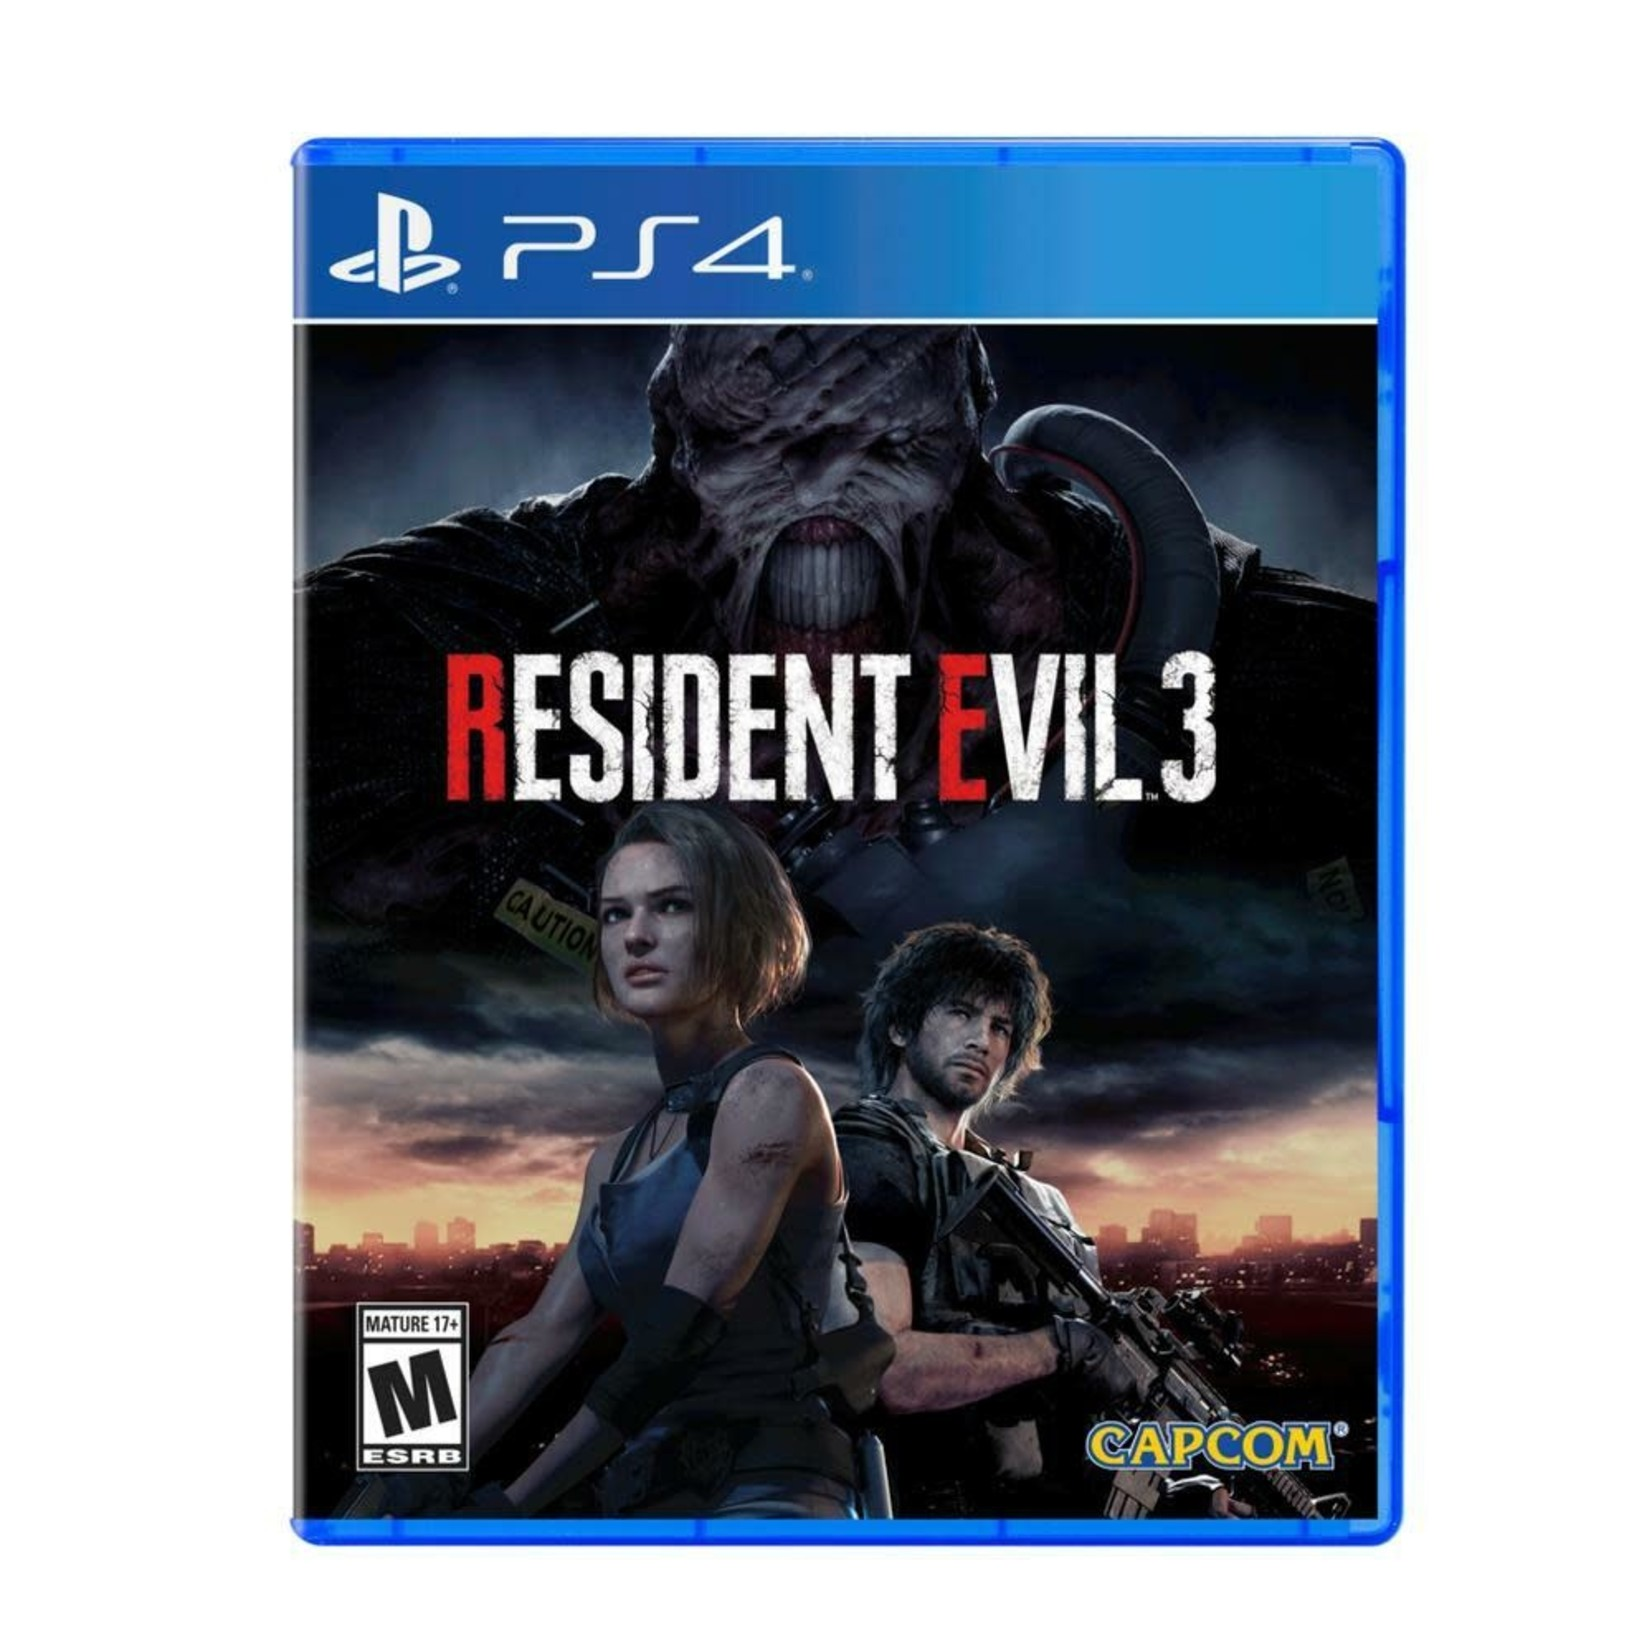 PS4-Resident Evil 3 Remake